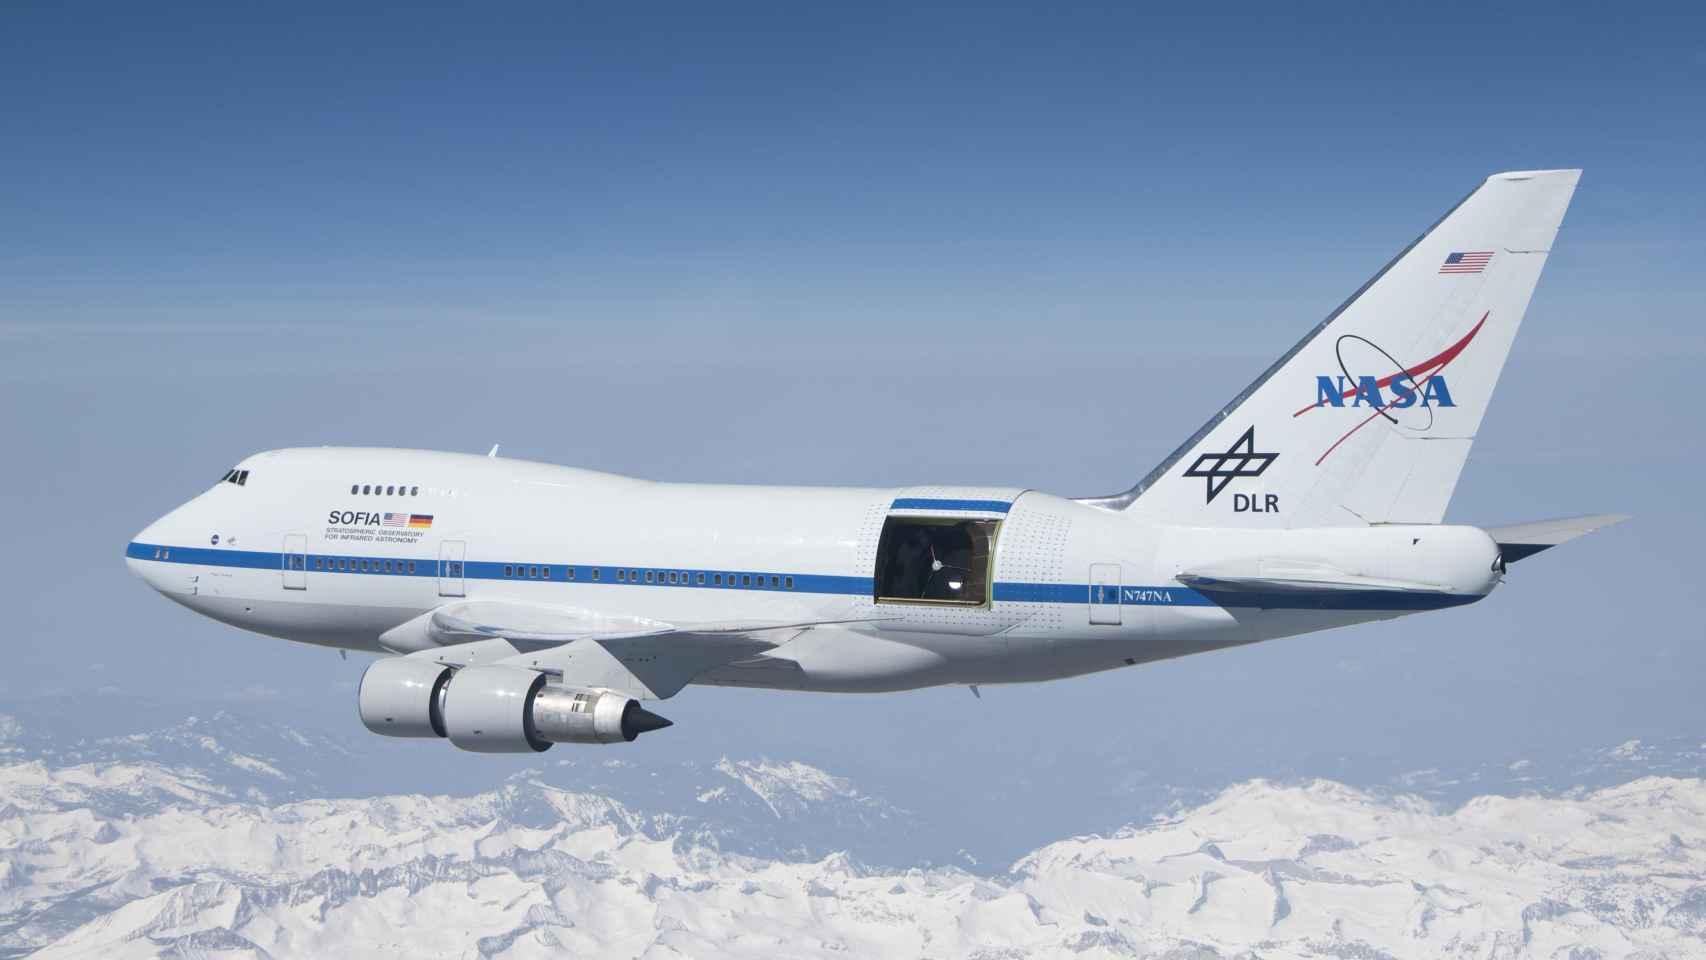 Boeing 747 de la NASA empleado en el programa SOFIA